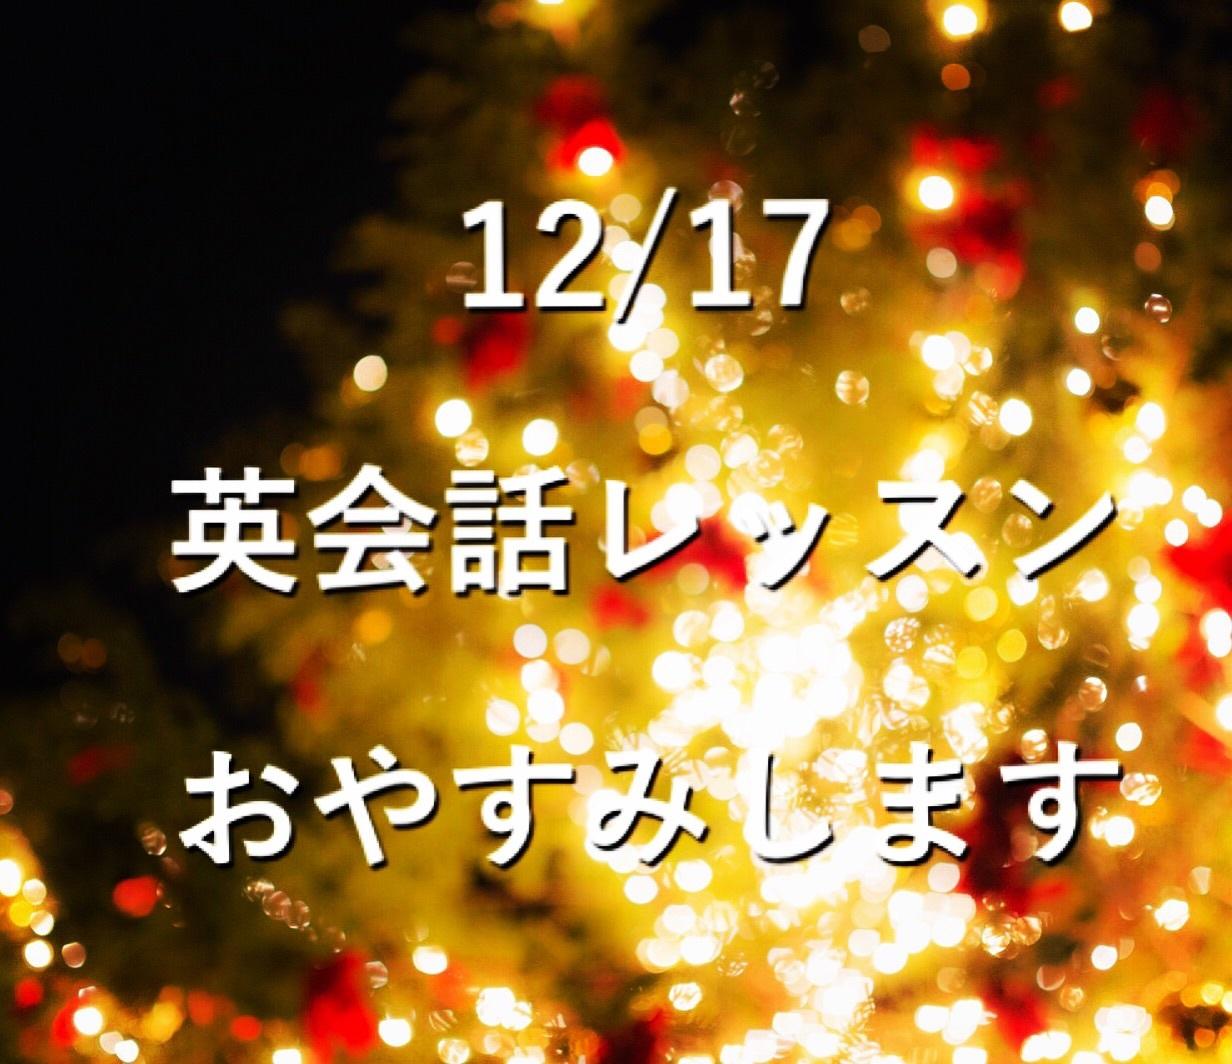 12/17英会話レッスンおやすみします_e0251361_00100780.jpg